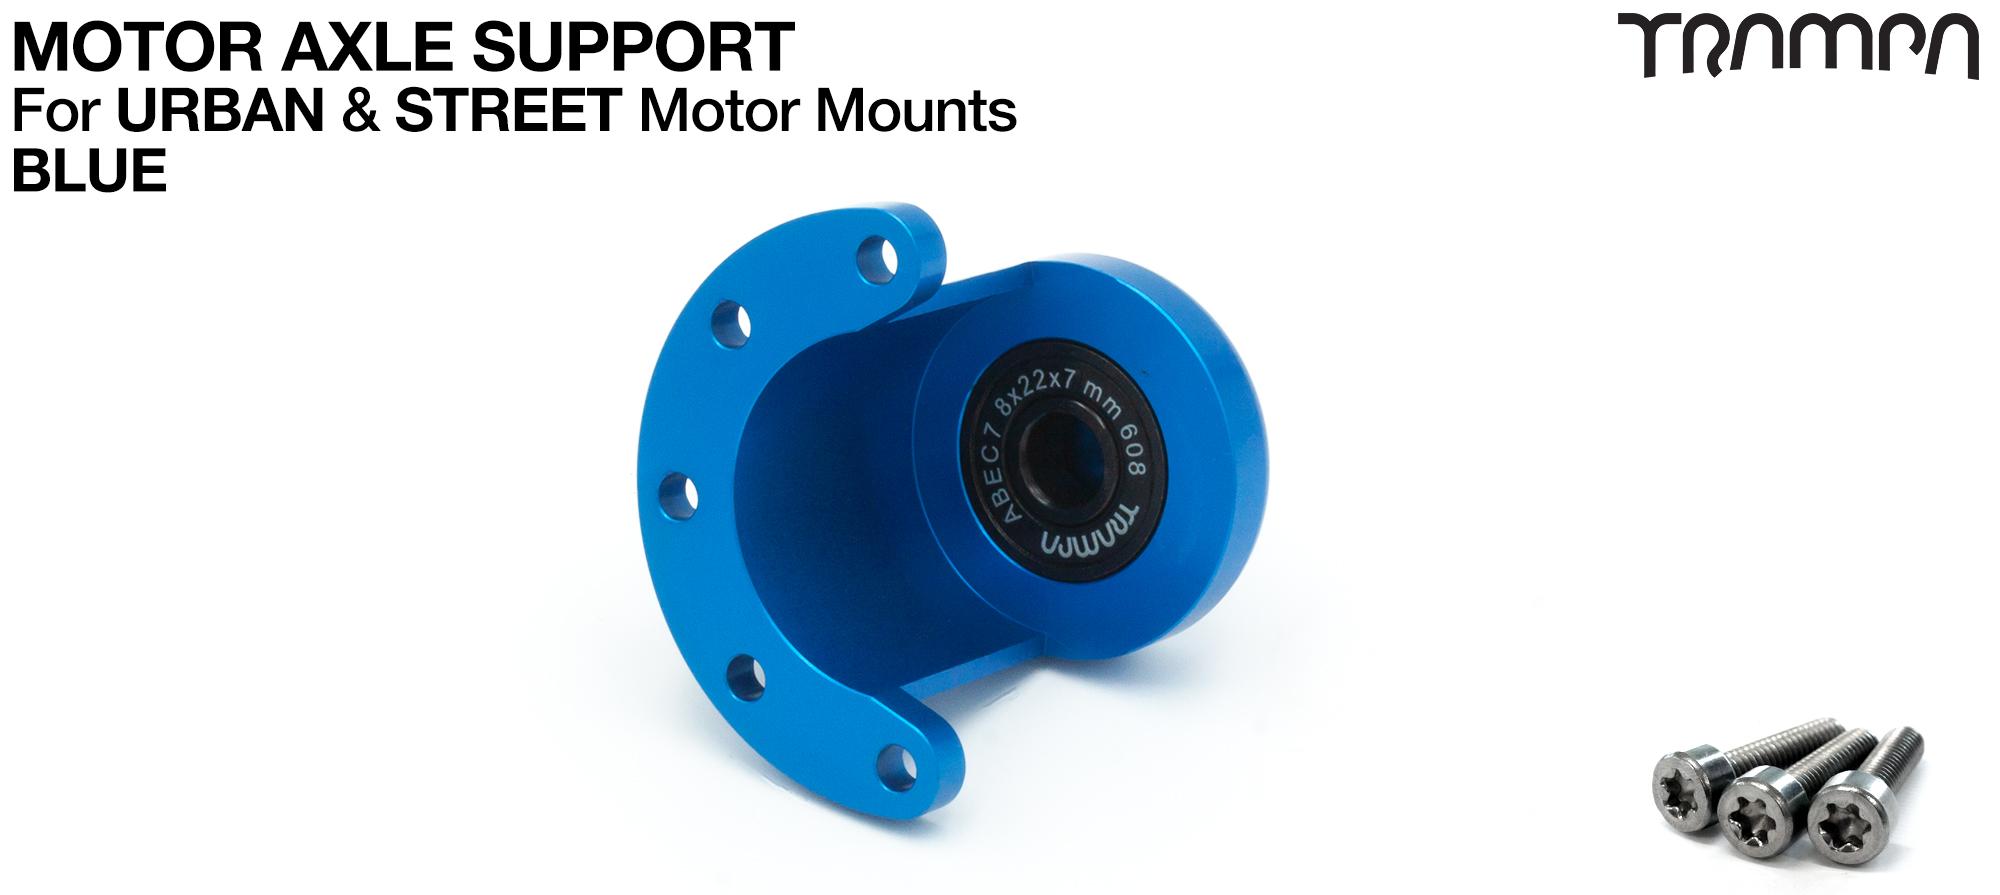 ORRSOM Longboard Motor Axle Support for Motor Mounts  - BLUE